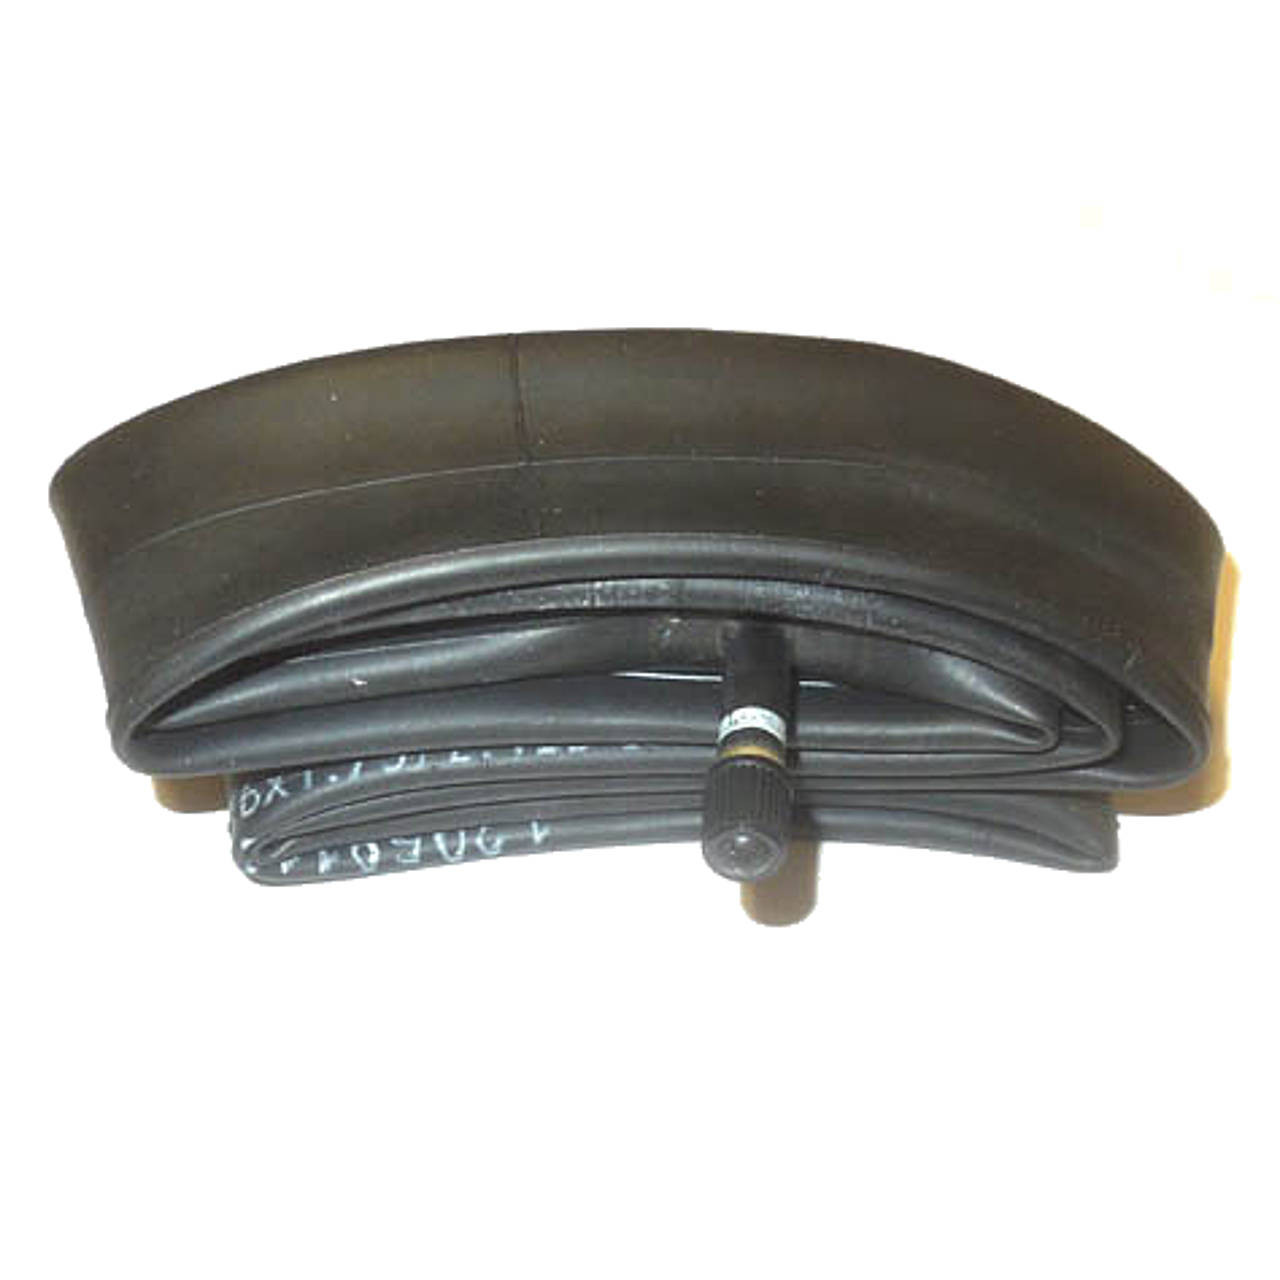 BOB Stroller 16 inch inner tube - folded